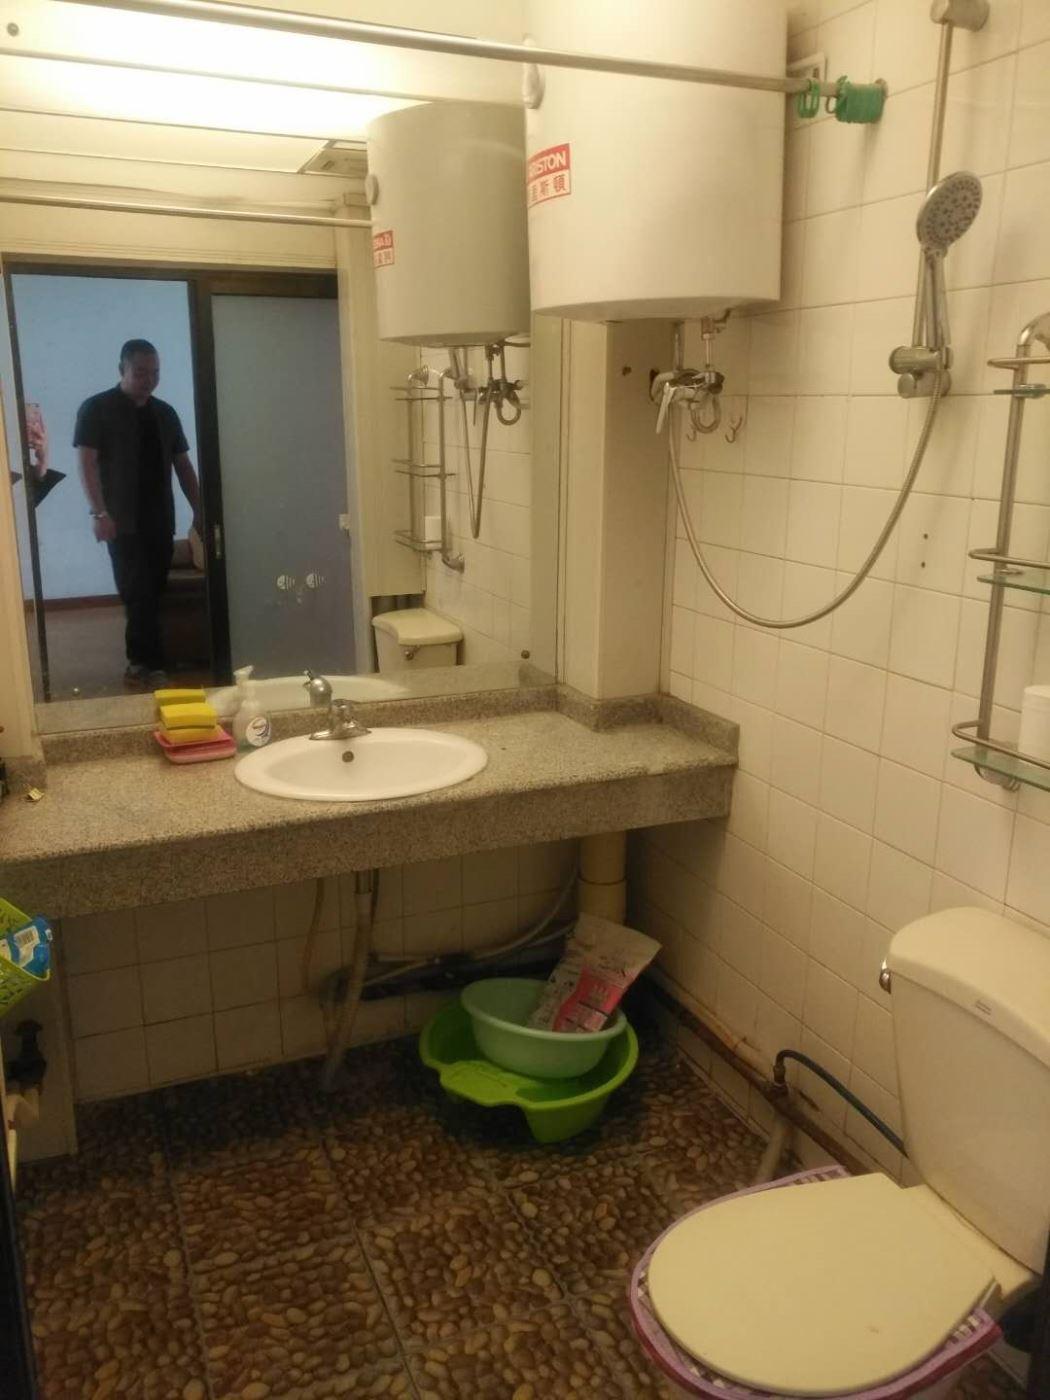 36中学 东瓦窑 嘉茂附近 二毛小区 3楼好房出租二毛小区